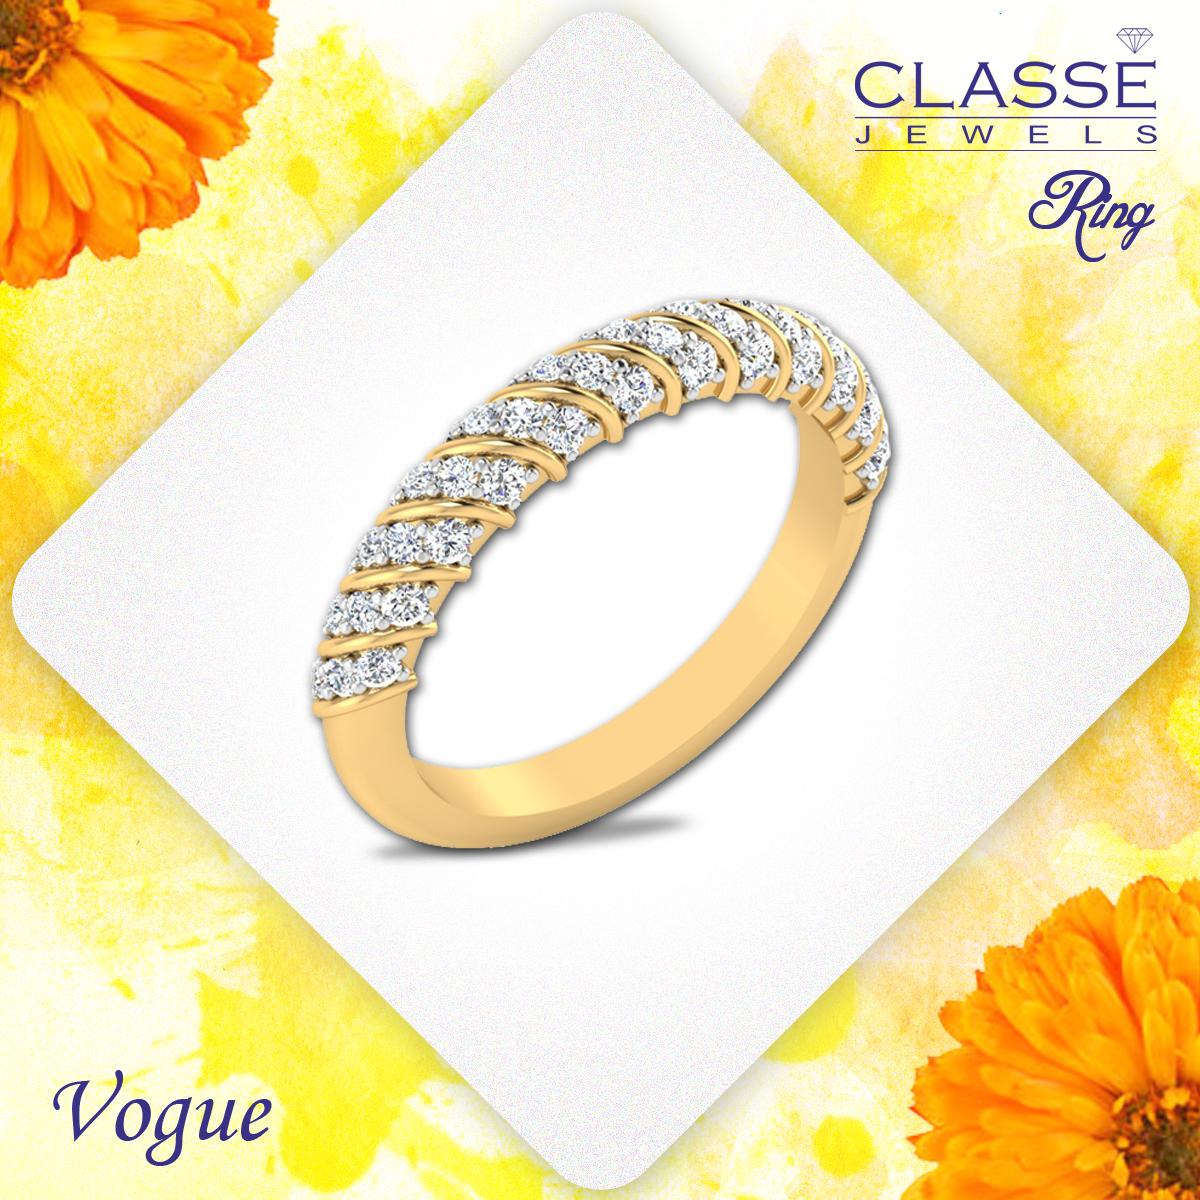 buy wedding rings Buy Wedding Rings Online Classe Jewels Order Online http bit